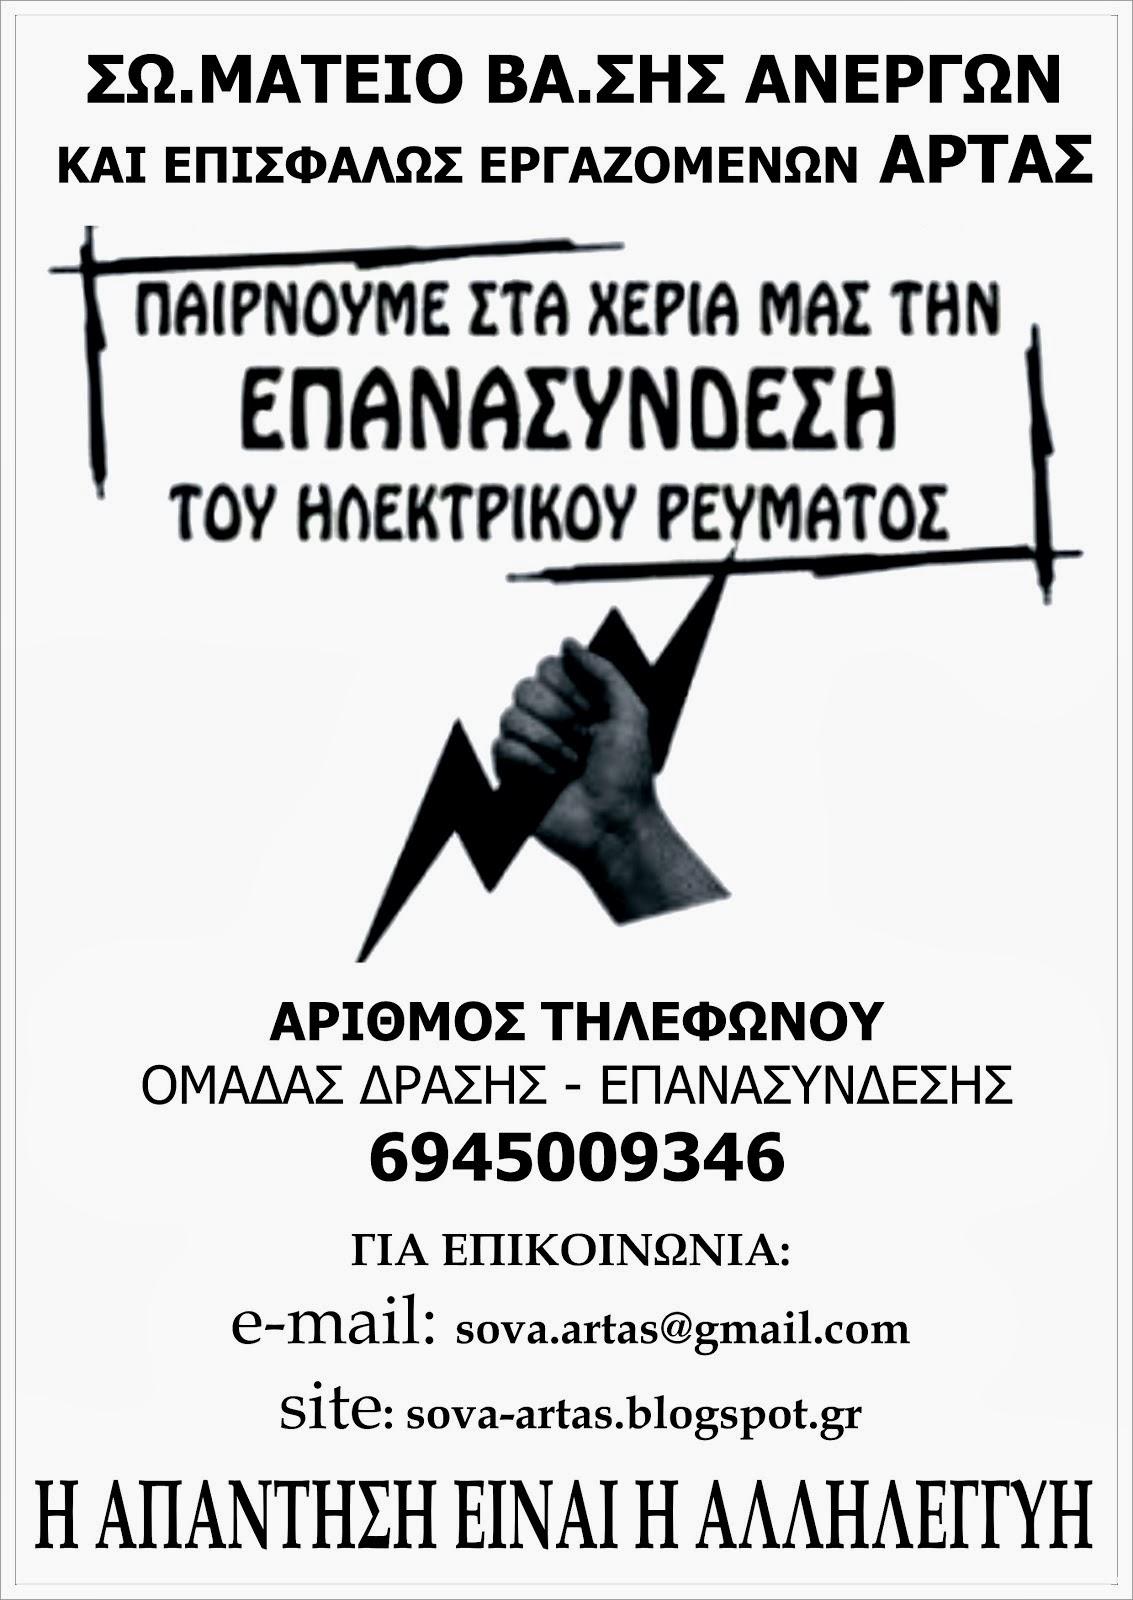 ΟΜΑΔΑ ΔΡΑΣΗΣ - ΕΠΑΝΑΣΥΝΔΕΣΗΣ ΑΡΤΑΣ